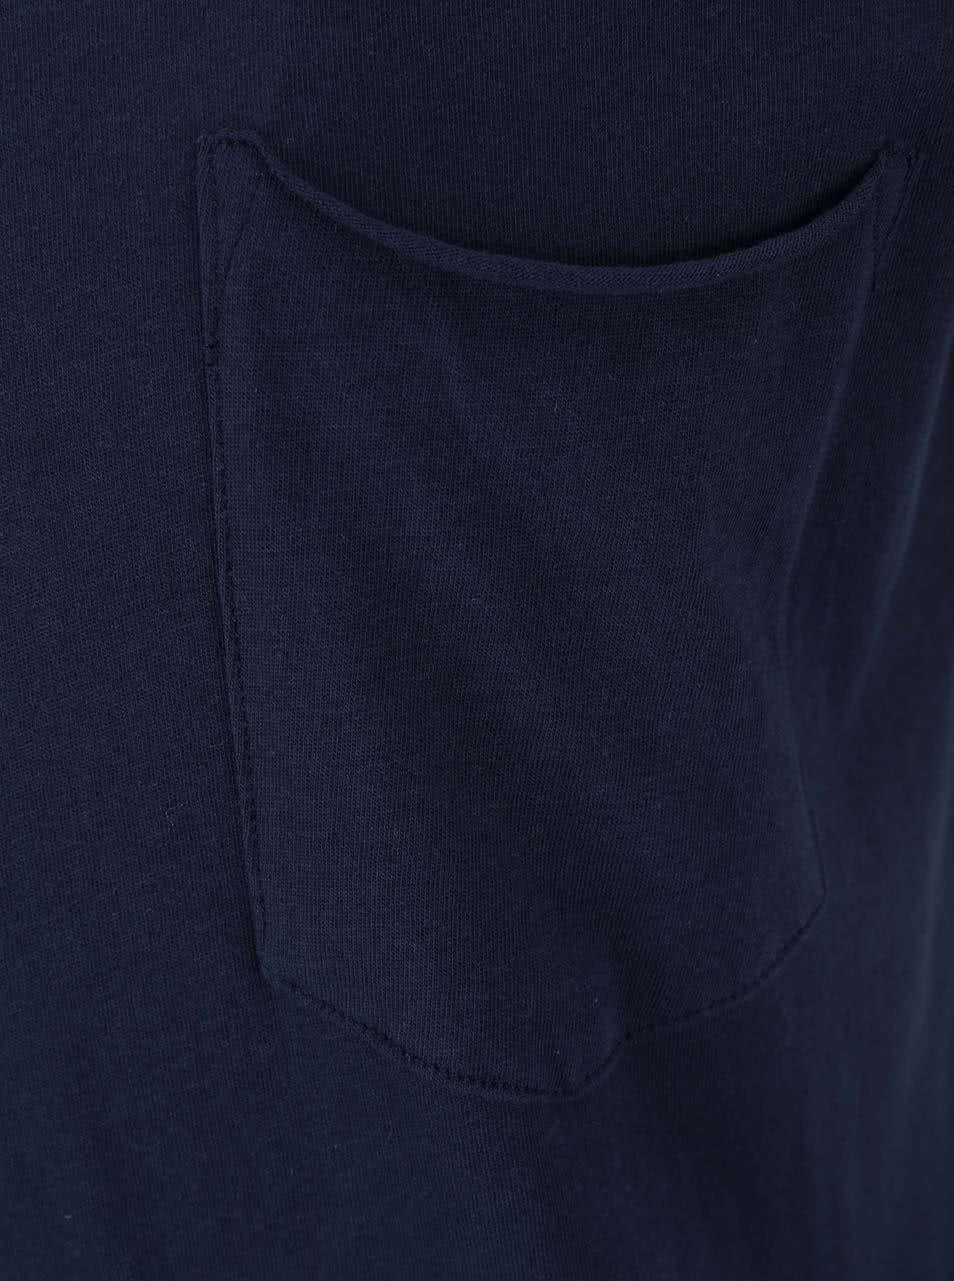 0e98a851ee9c Tmavomodré tričko s krátkym rukávom Shine Original Andy ...